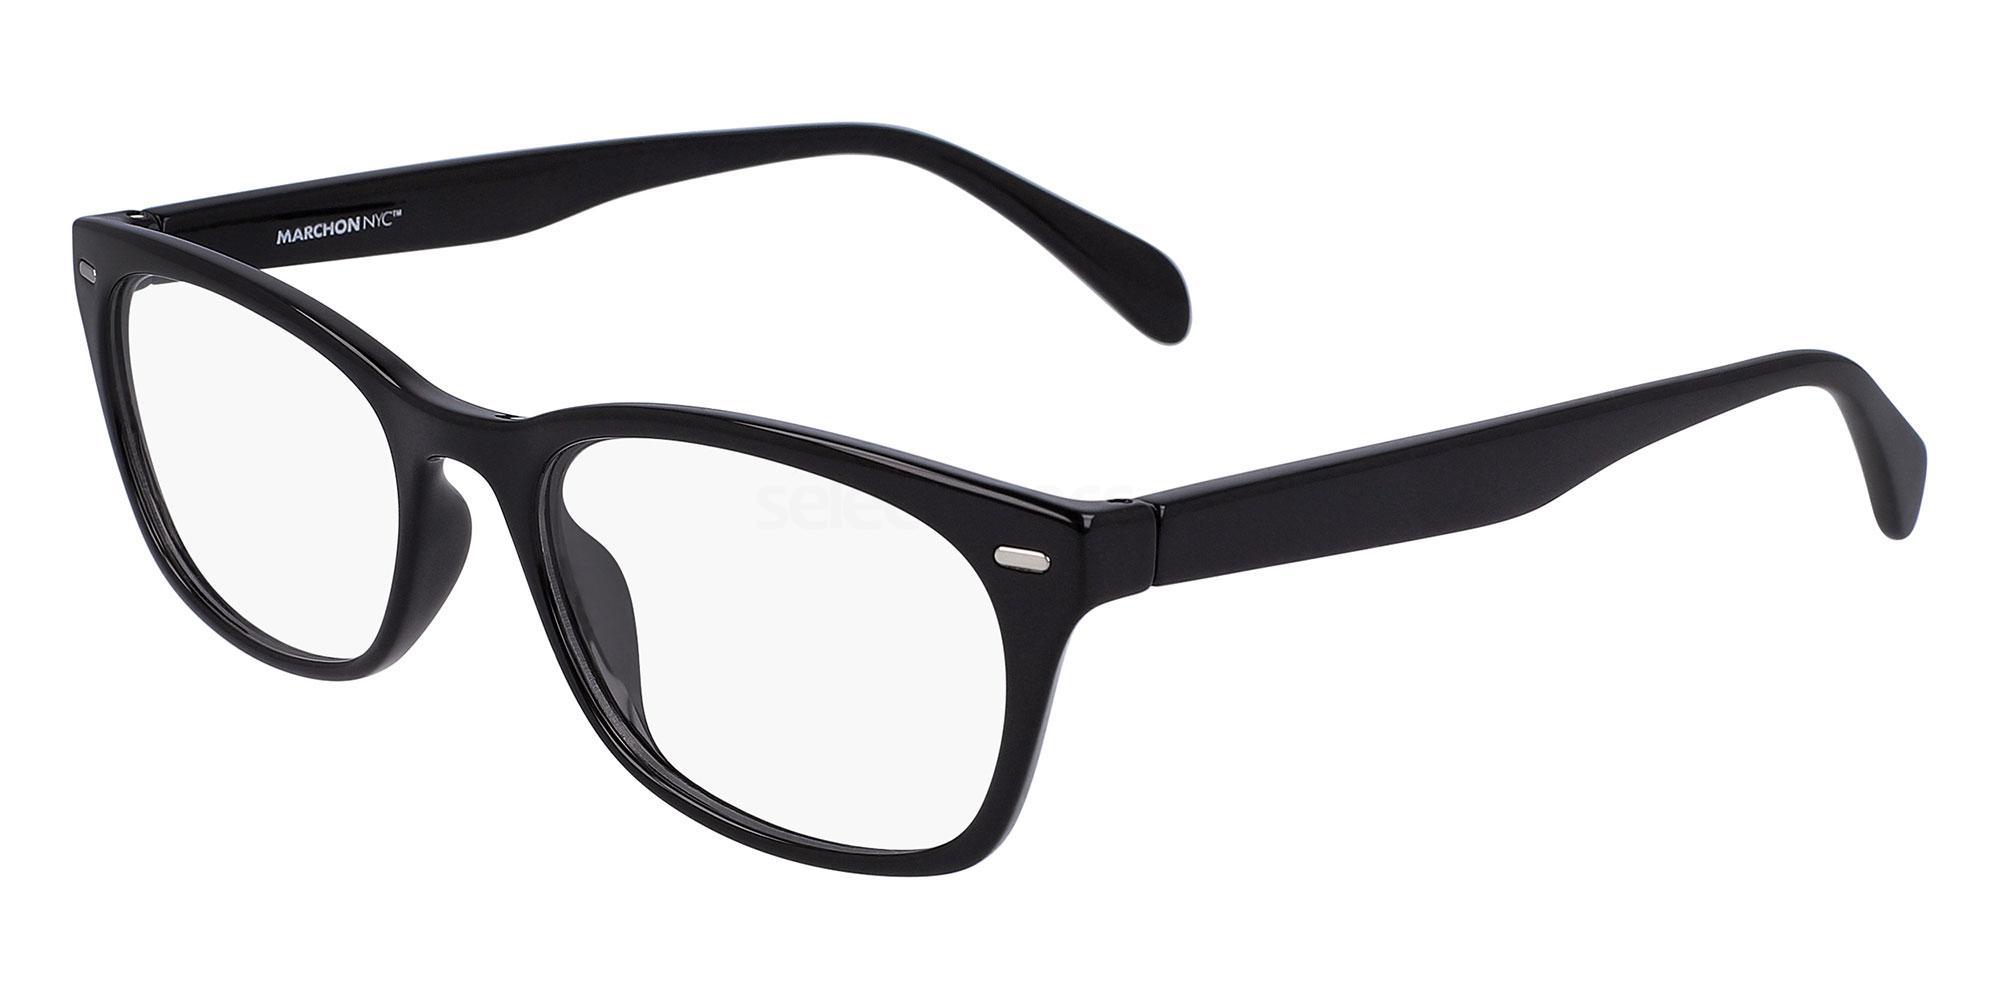 001 M-5800 Glasses, Marchon